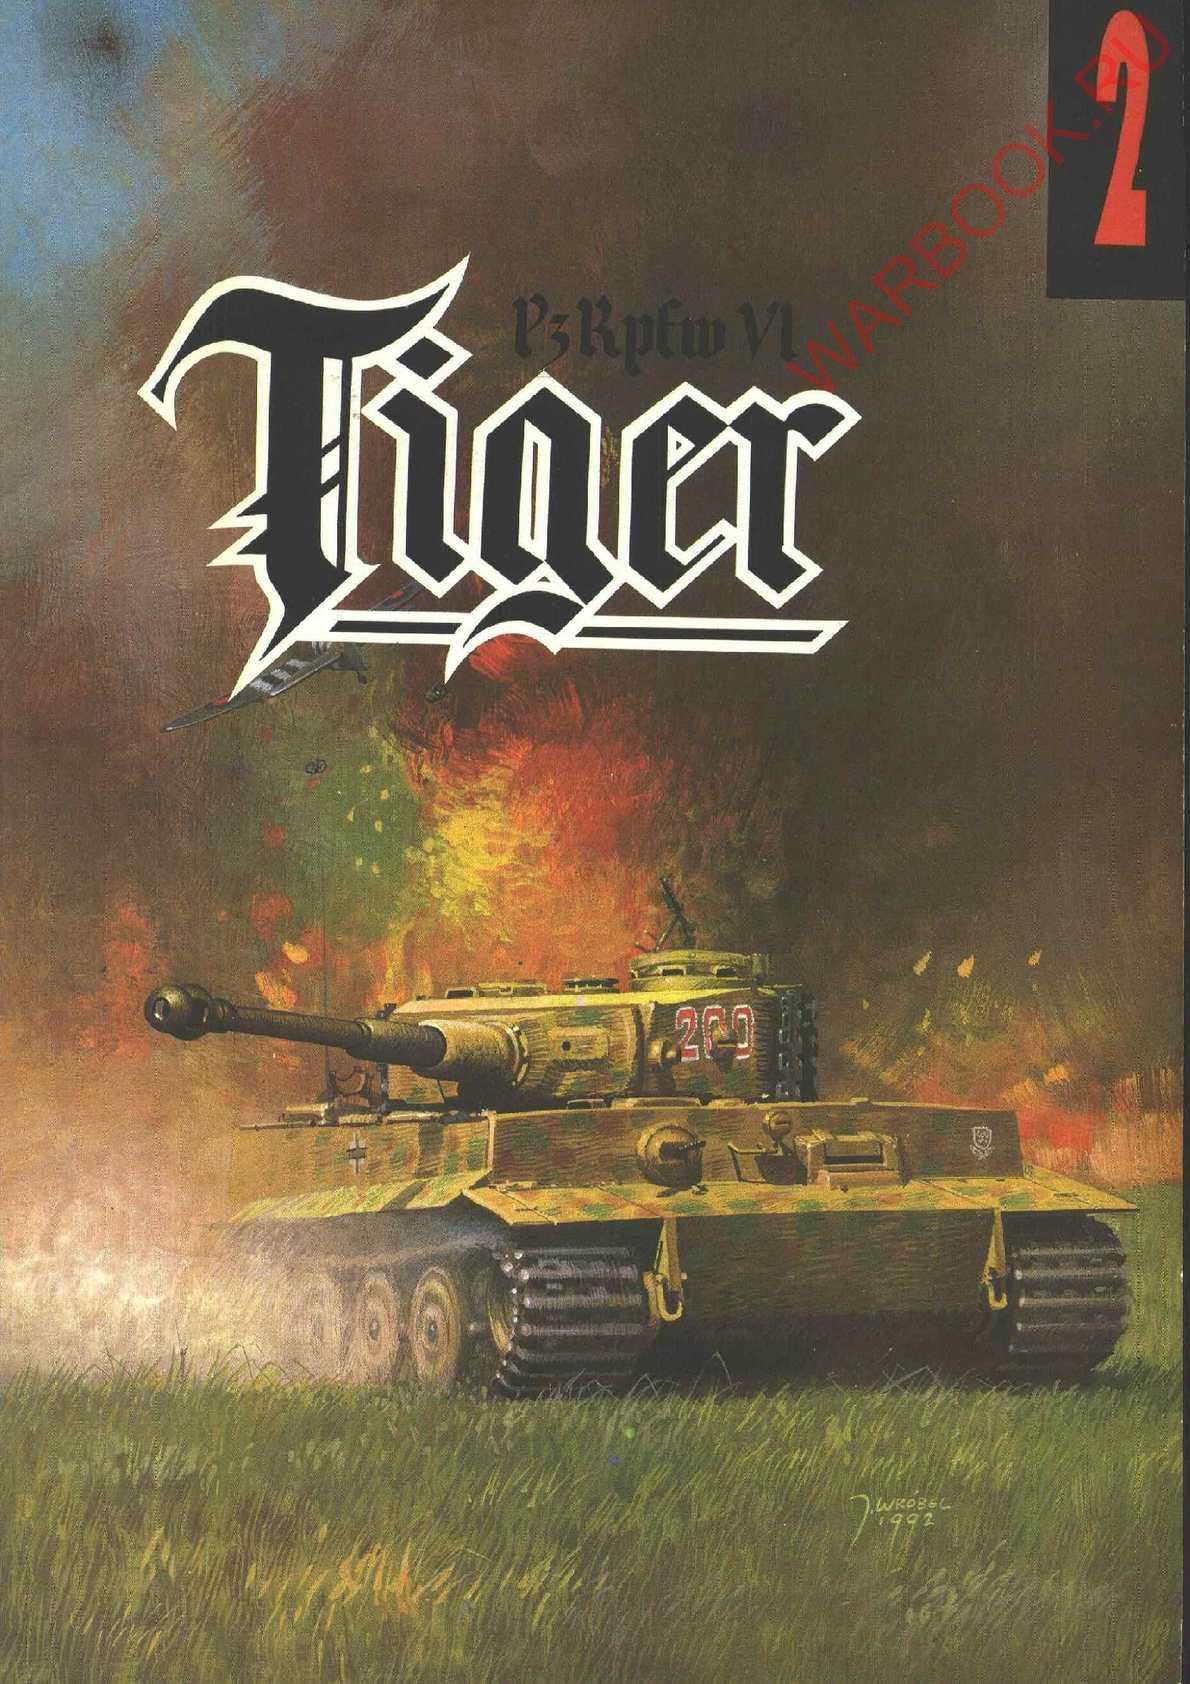 Wydawnictwo Militaria 02 Pzkpfw VI Tiger vol.1